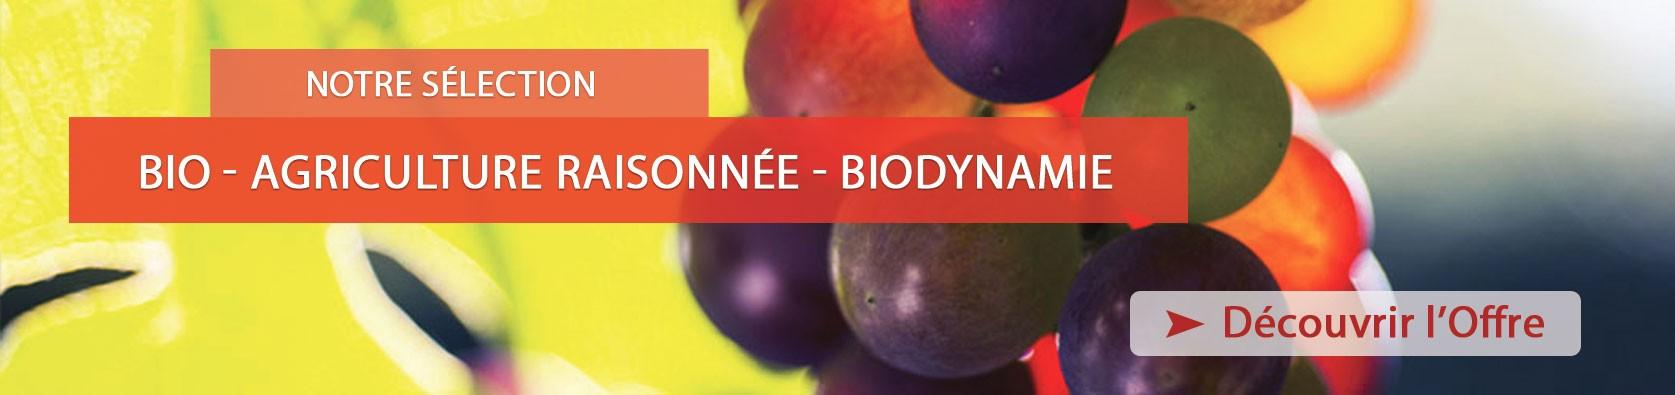 Un large choix de vins bios - en biodynamie ou en agriculture raisonnée